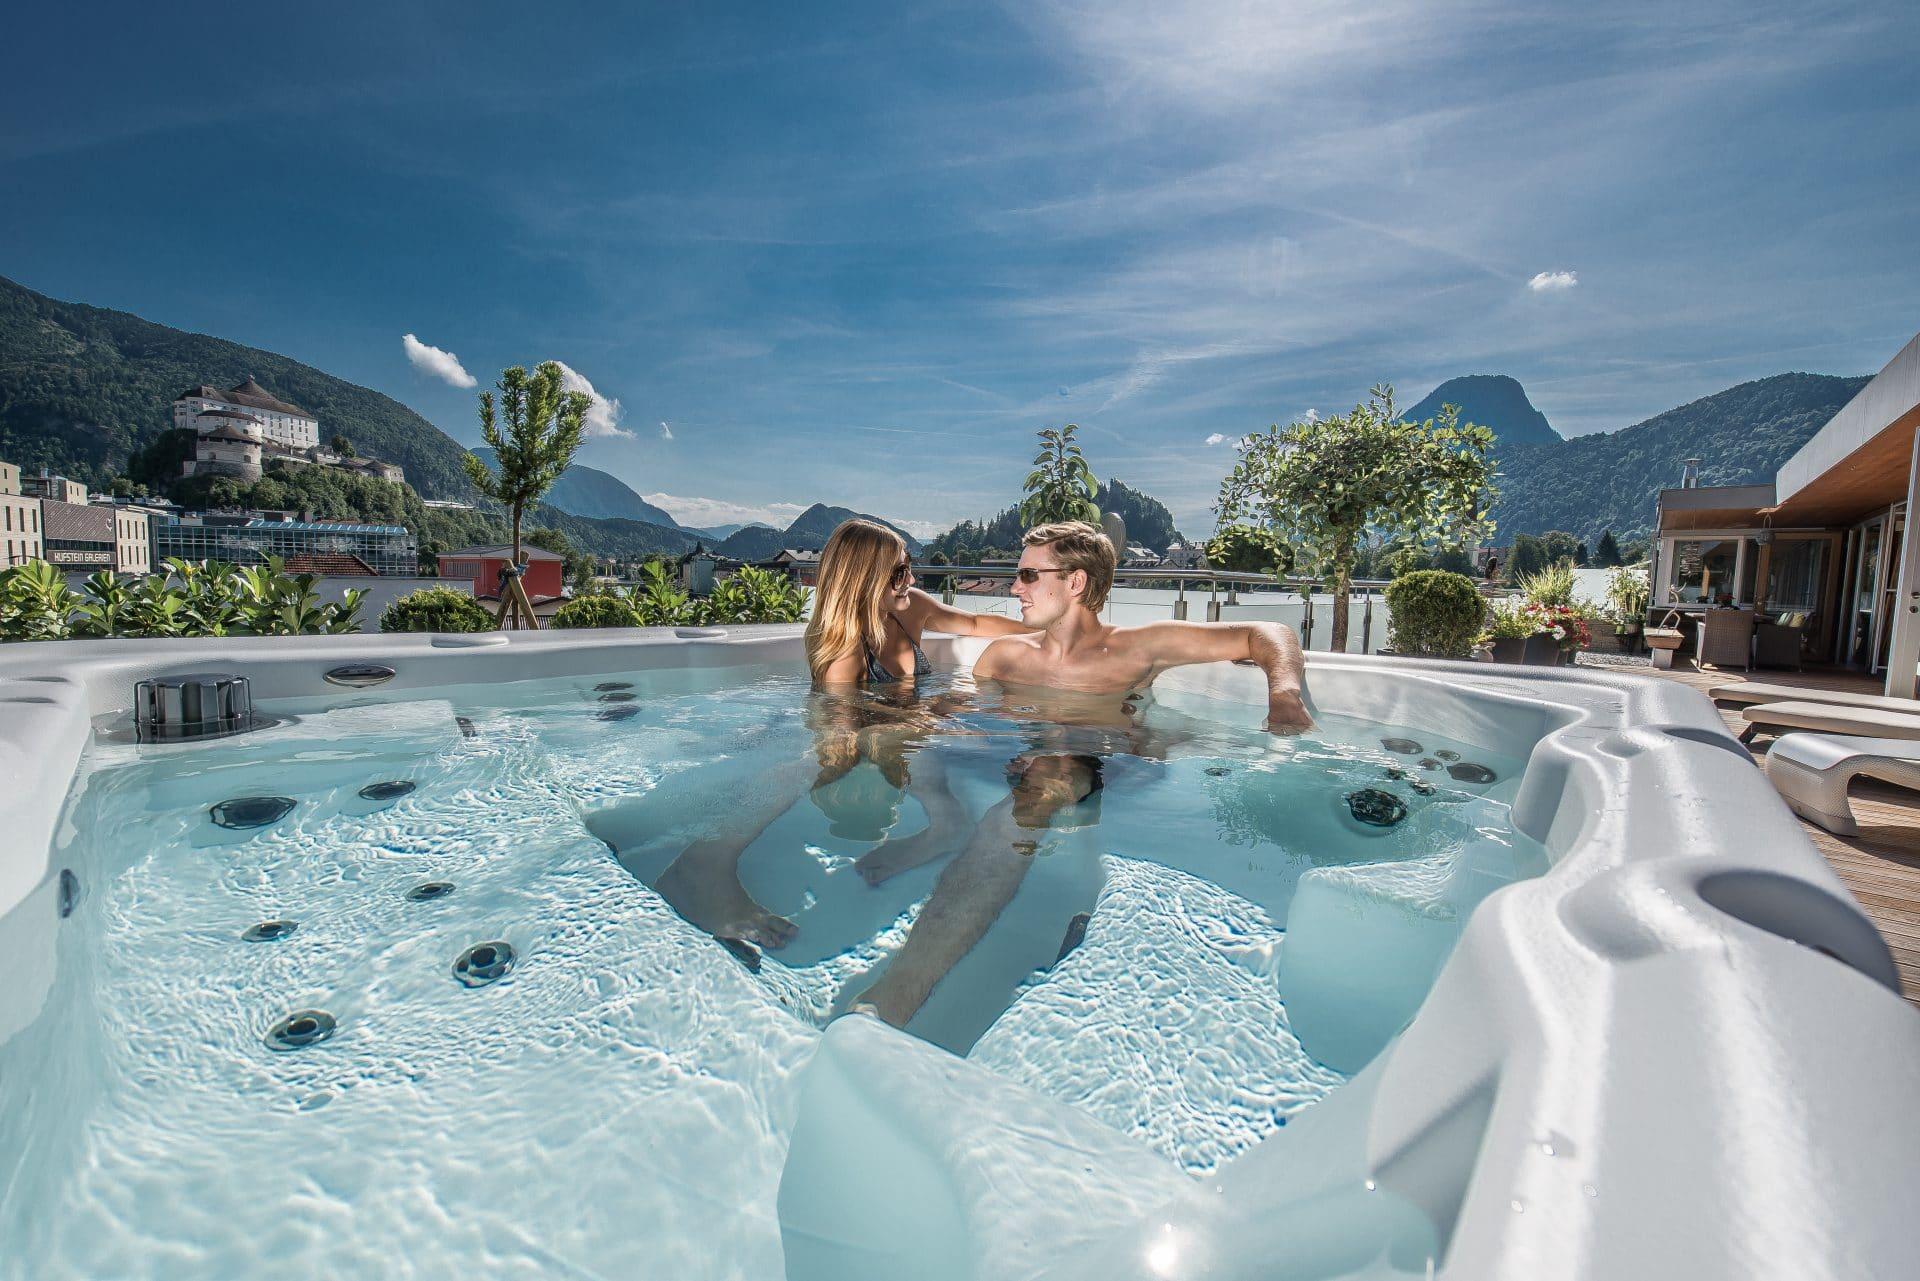 Ou Acheter Son Spa spa d'intérieur, les précautions à prendre - ibiza spa